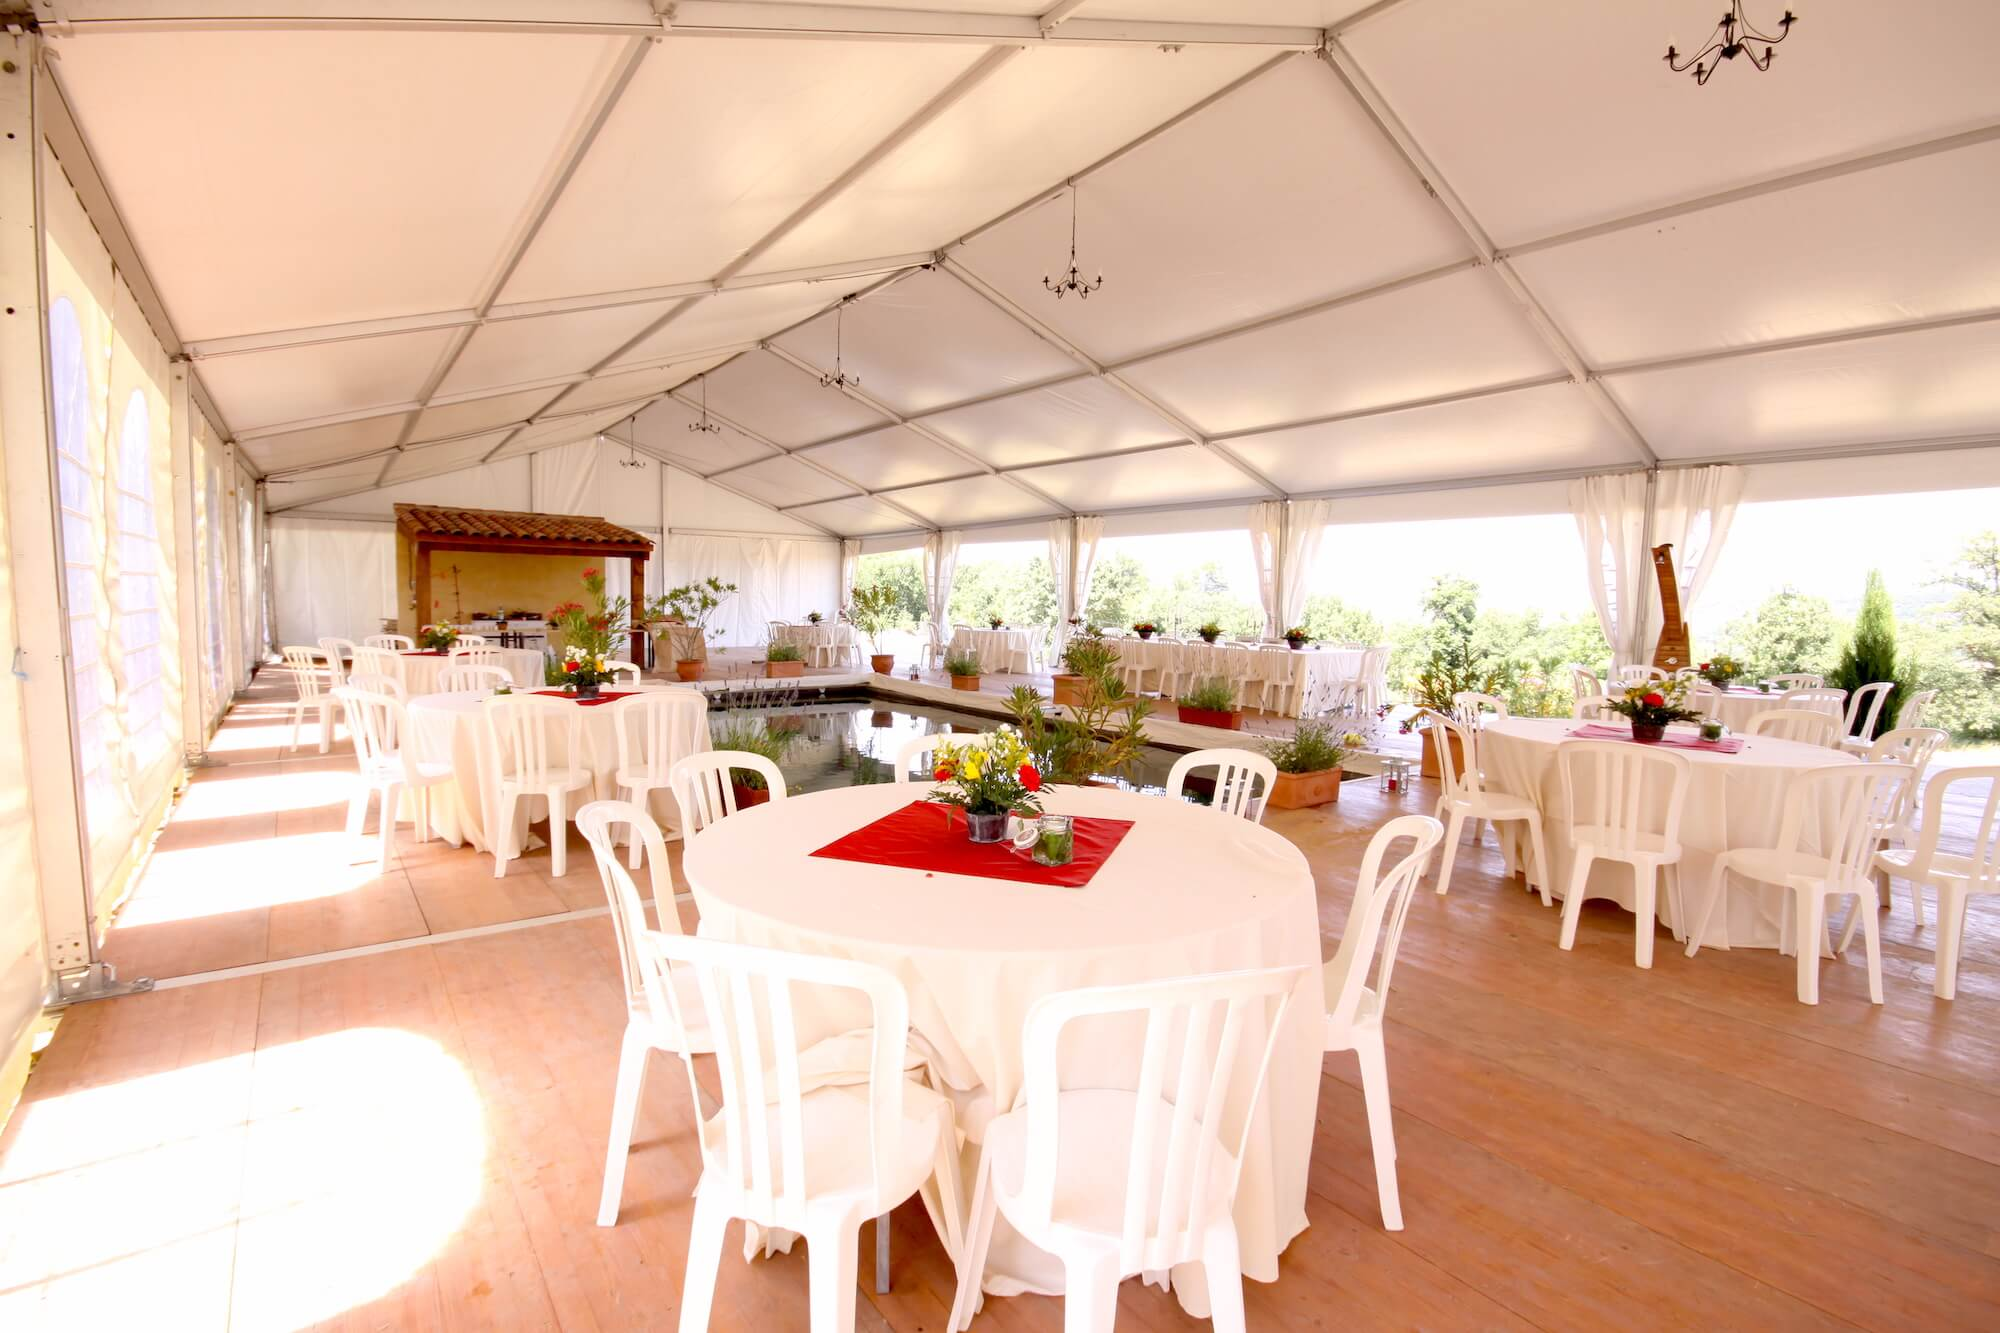 Location de mobilier pour votre mariage, ou tout autre événement privé